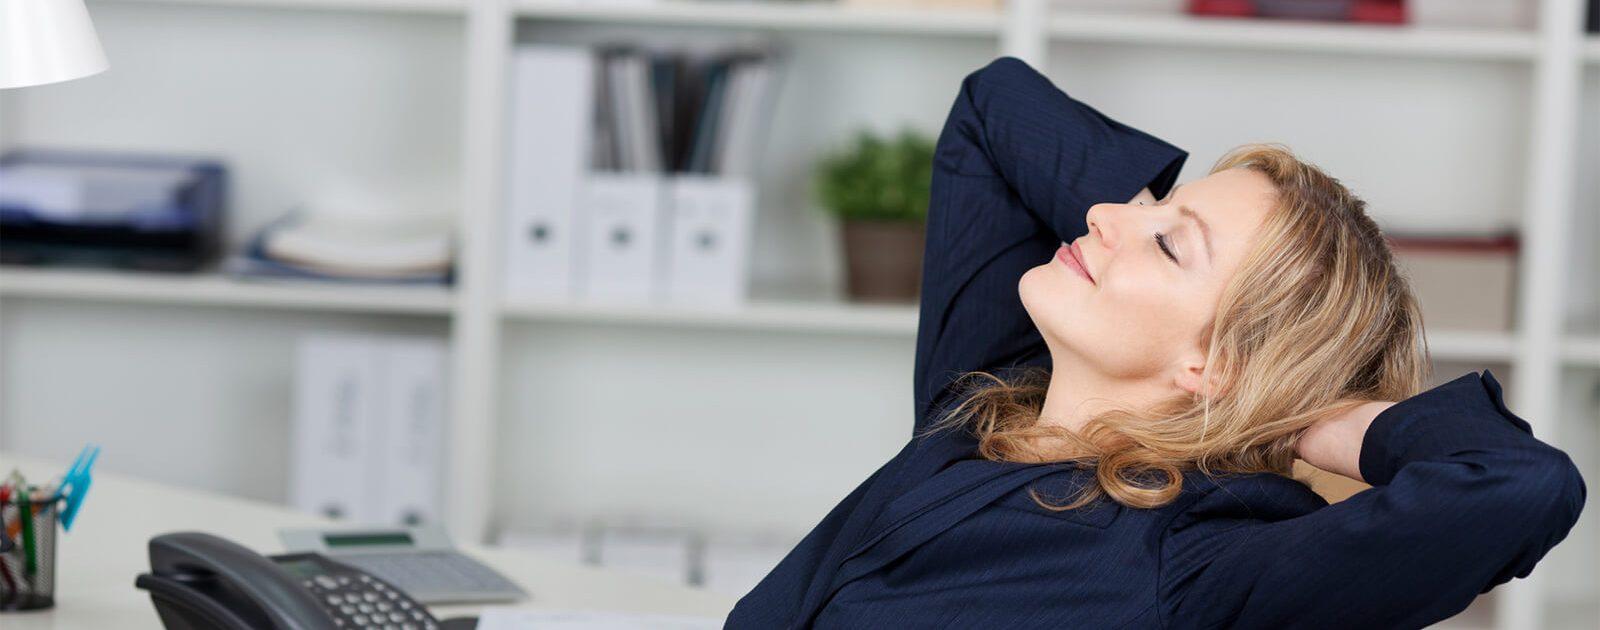 Eine Frau stärkt ihren Rücken durch gezielte Übungen.